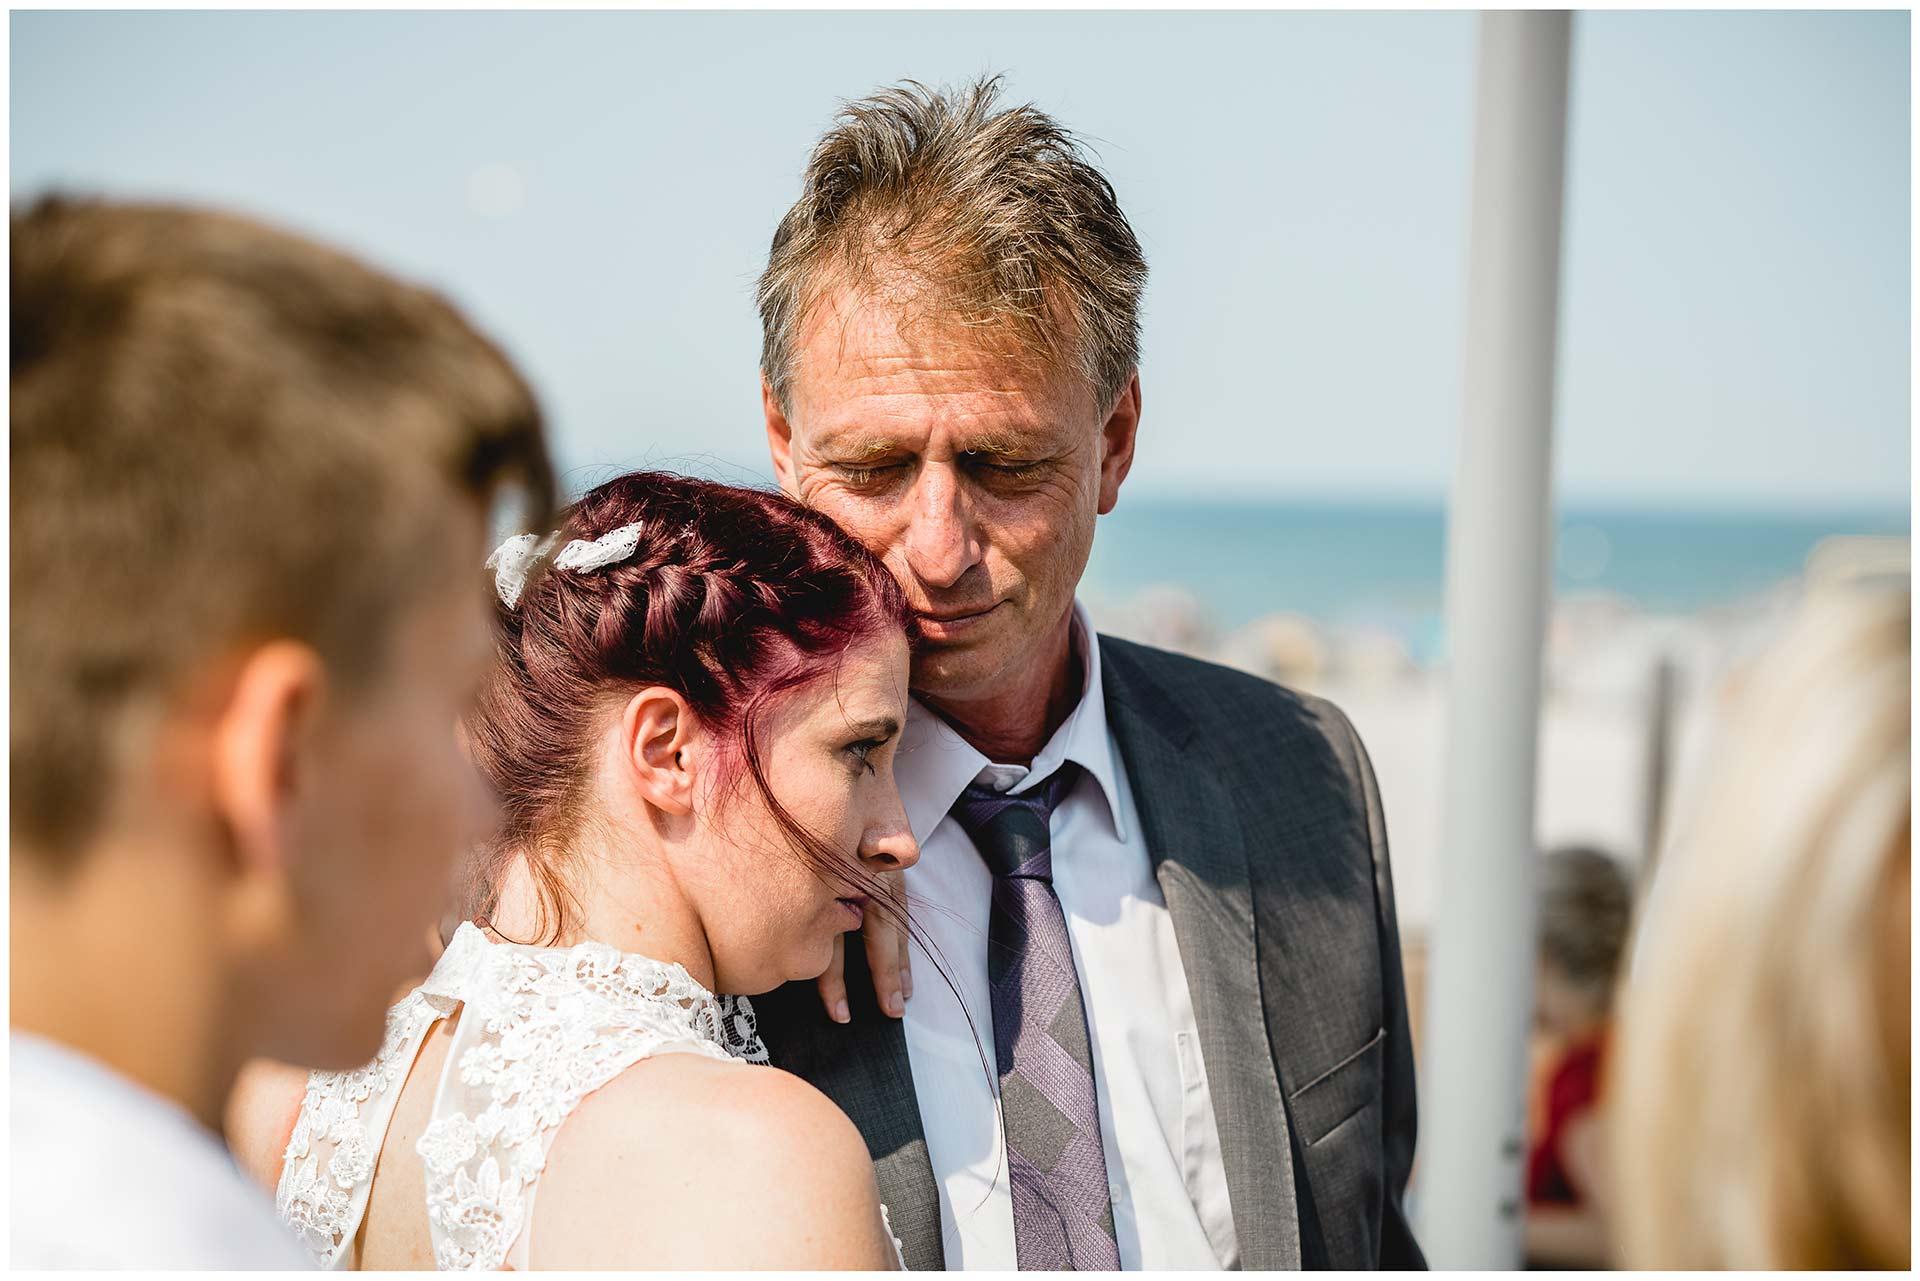 Braut-kuschelt-mit-ihrem-Vater-Hochzeitsfotograf-Warnemuende-Hochzeitsfotograf-Rostock-Hochzeitsfotograf-Ostseebad-Warnemuende